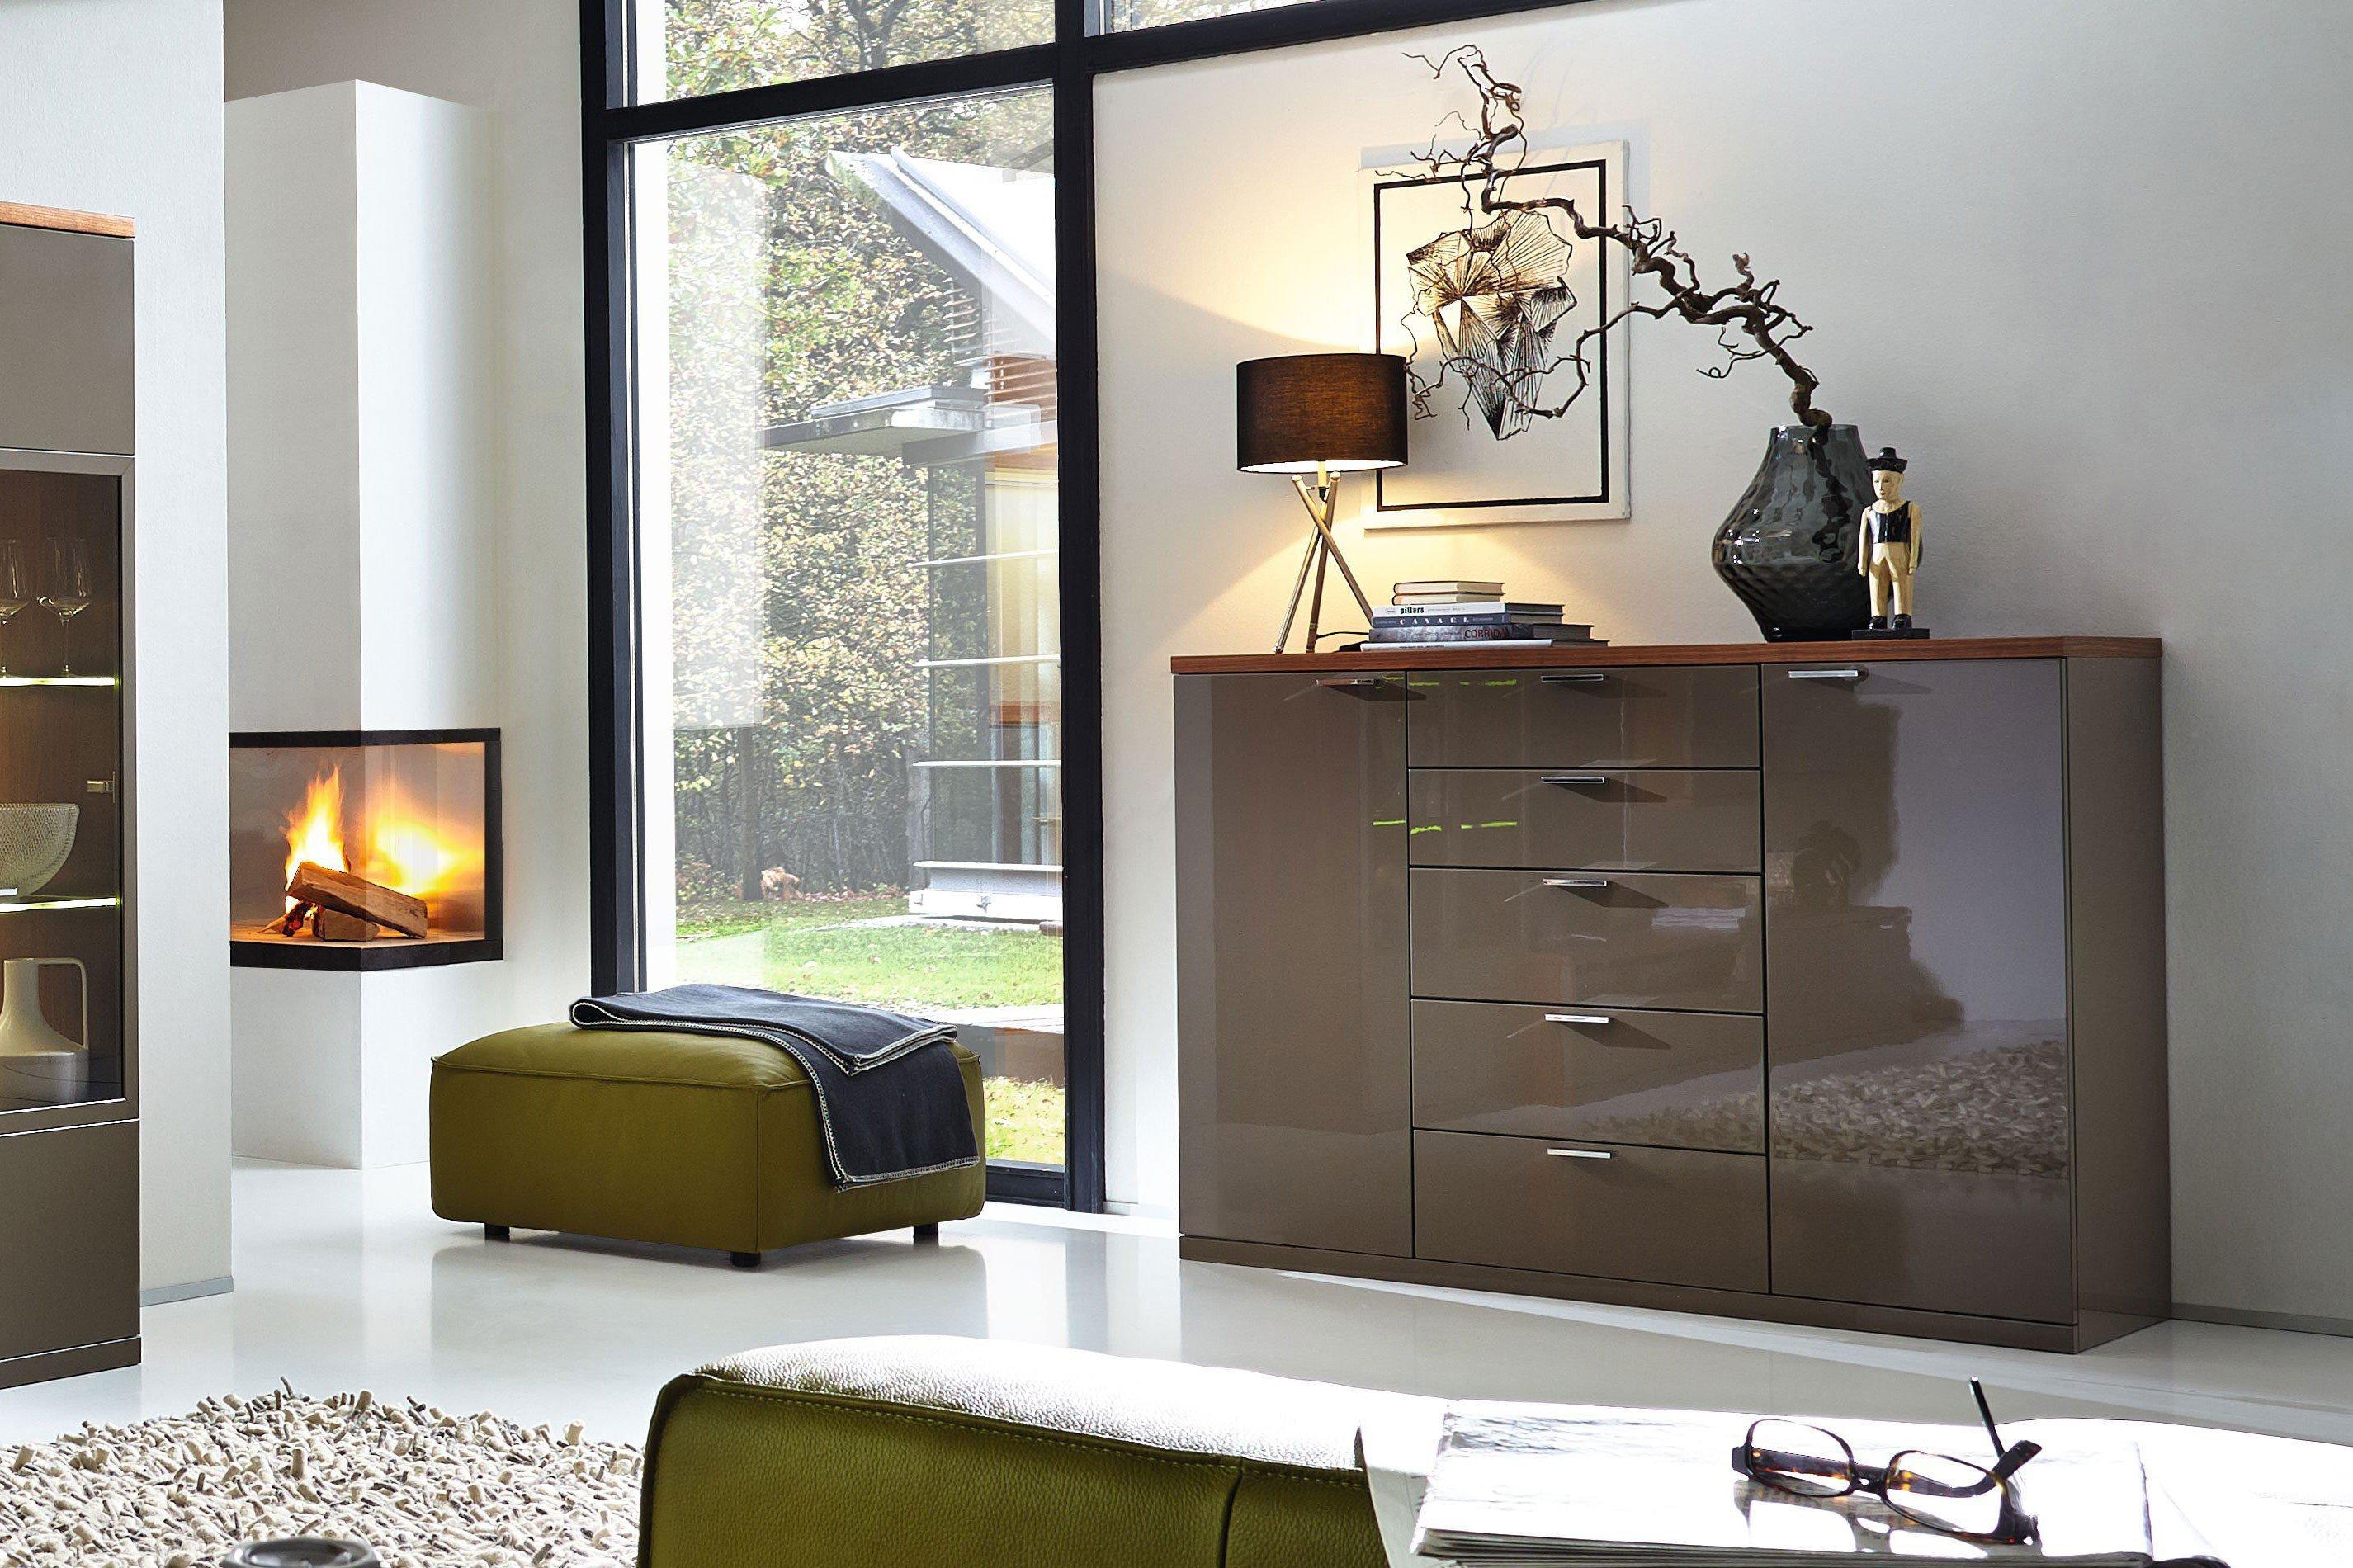 komplett schlafzimmer siena hochglanz wei bettw sche bayern spiral einhorn lidl bettdecken mit. Black Bedroom Furniture Sets. Home Design Ideas